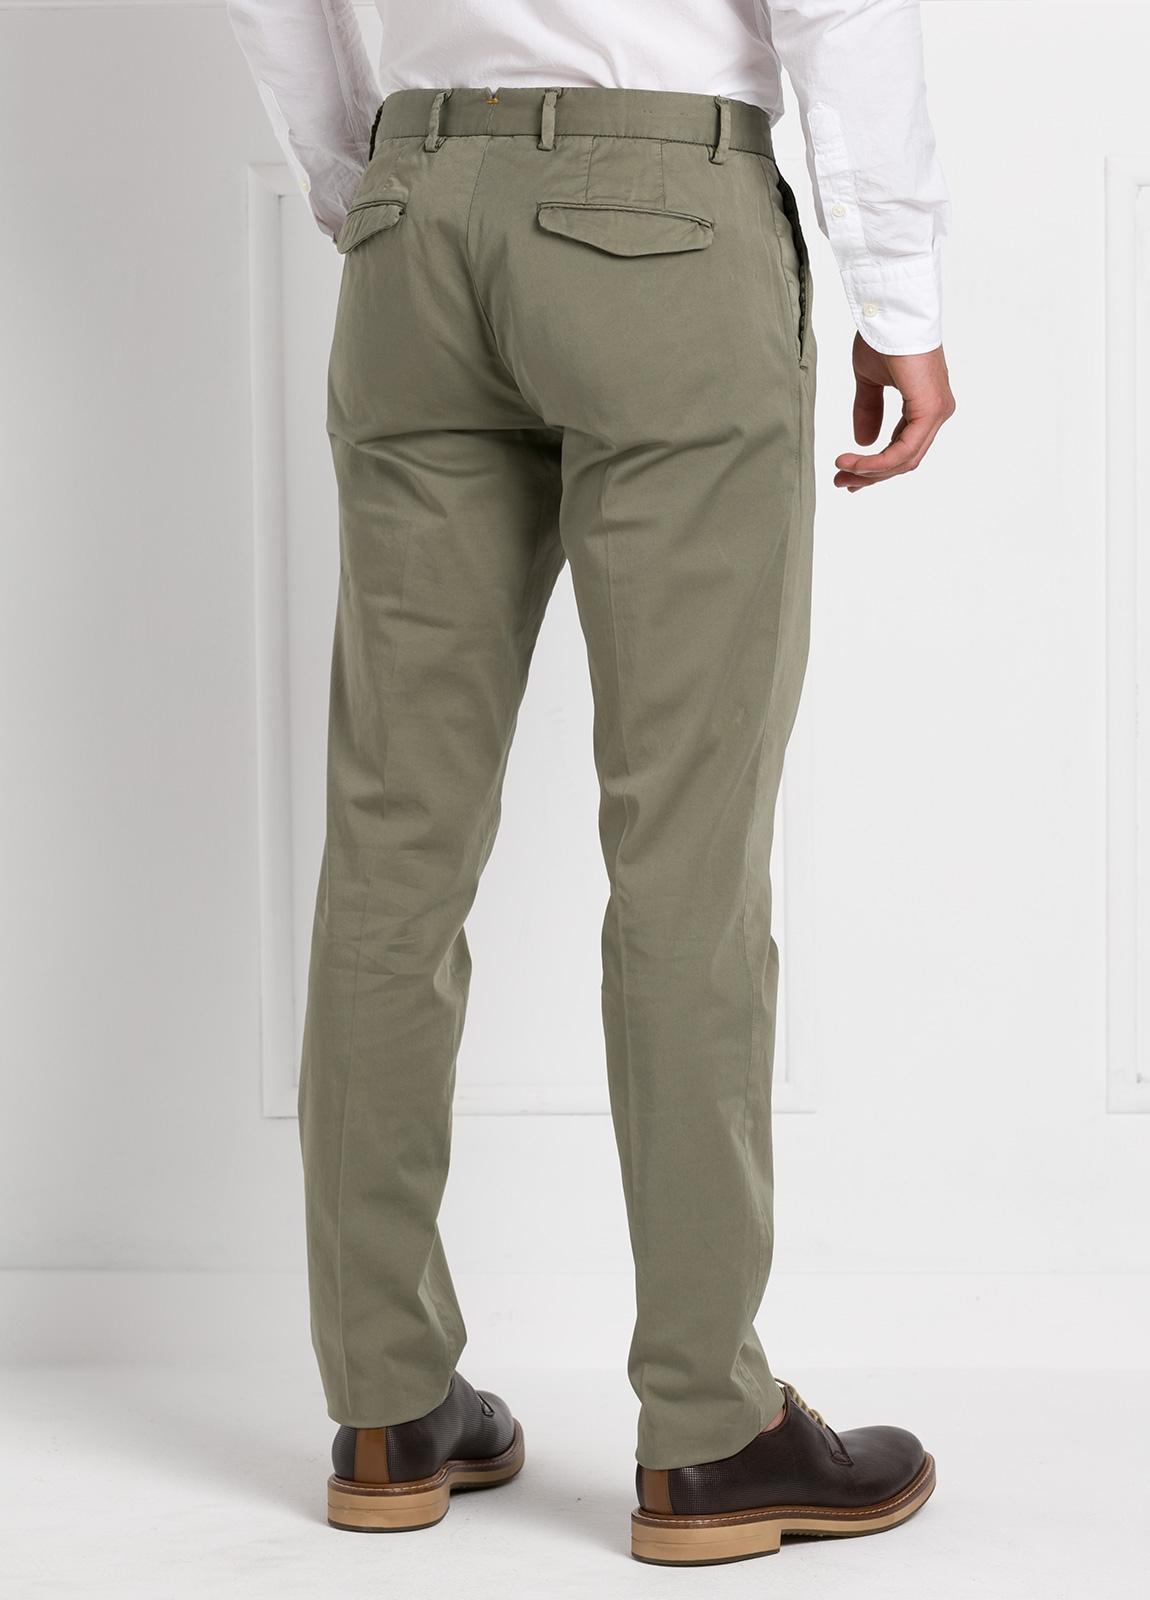 Pantalón modelo slim fit 1 pinza color kaki. 97% Algodón 3% Ea. - Ítem3